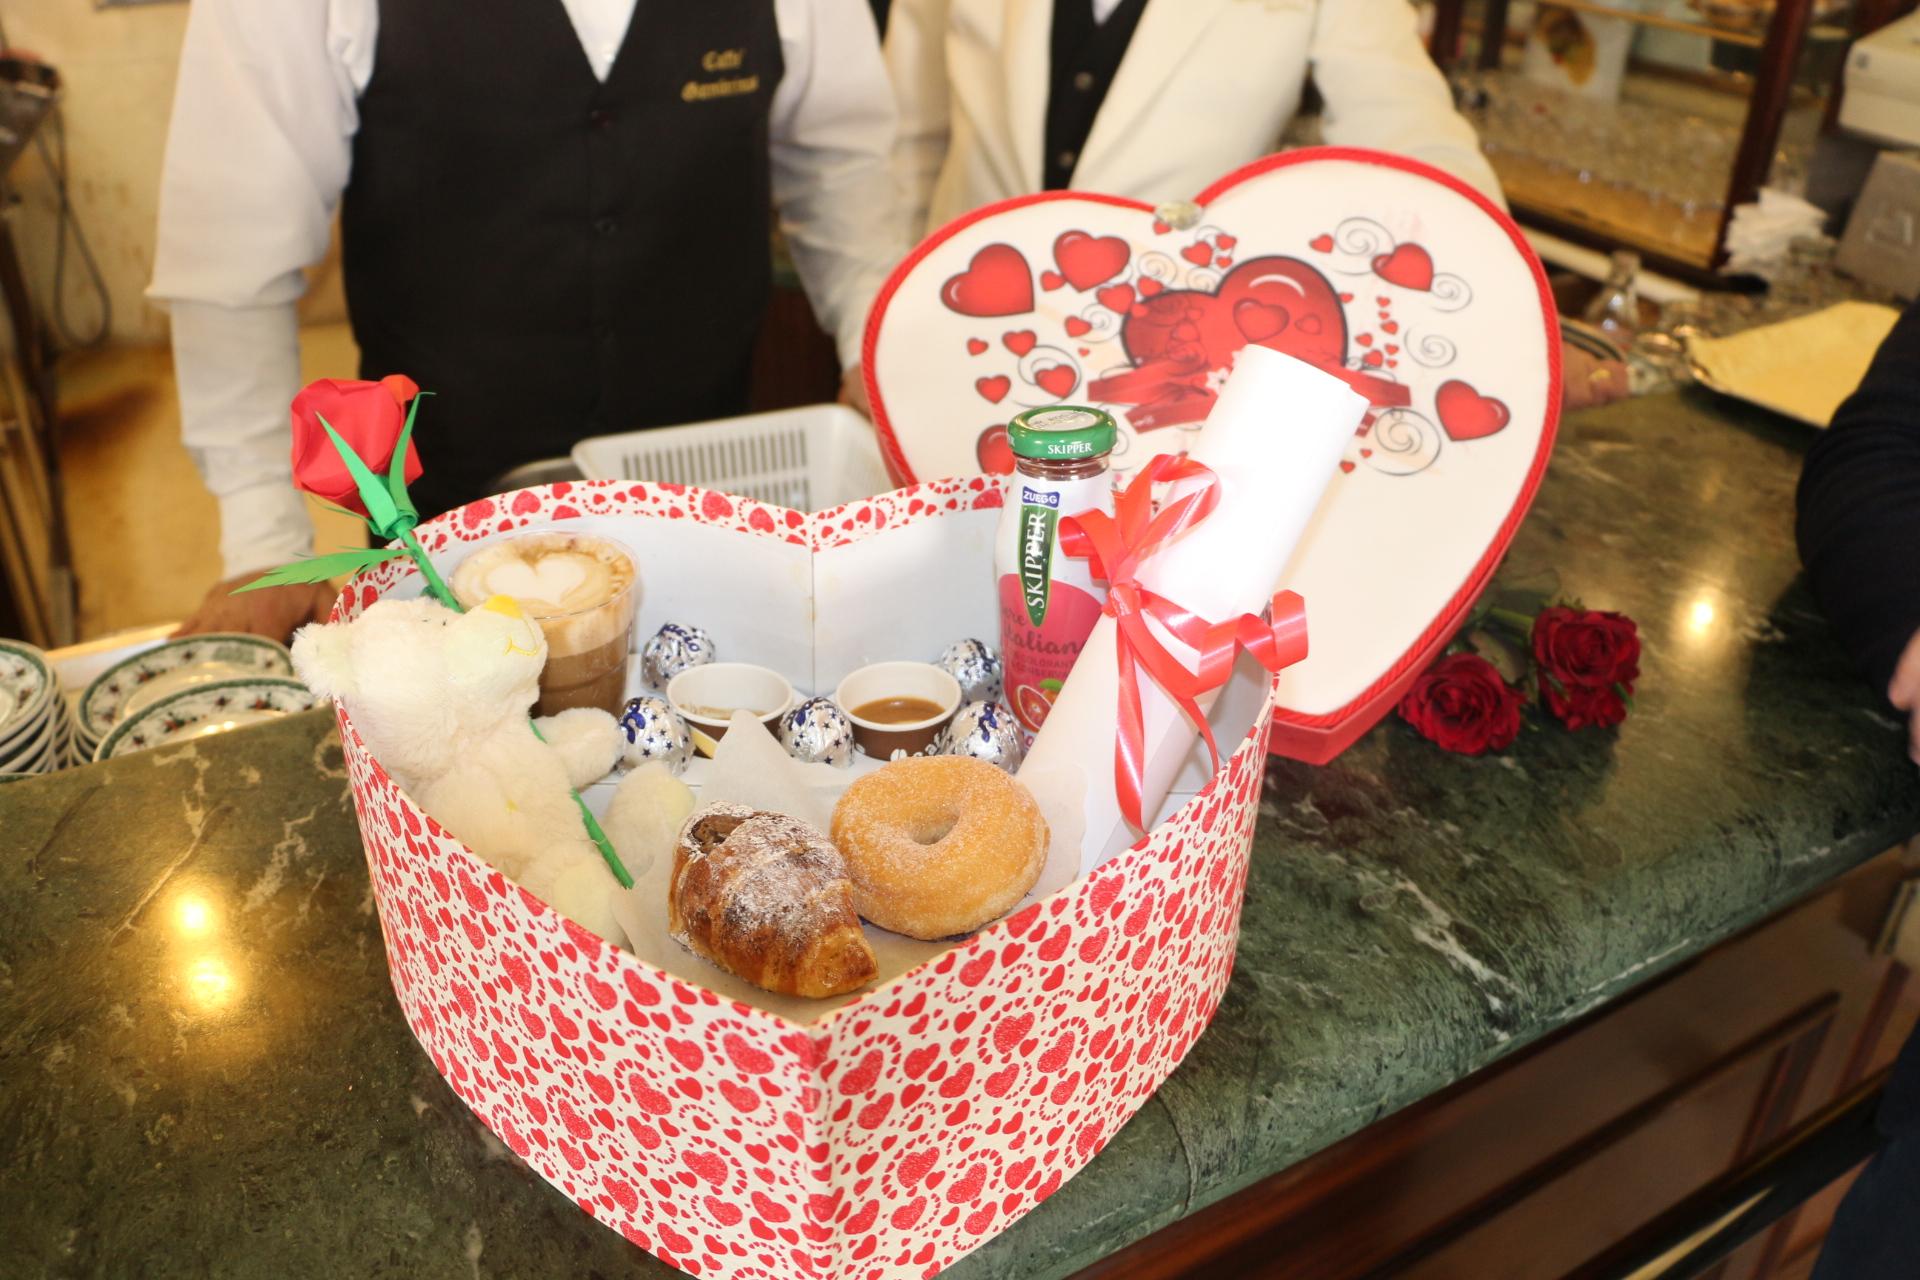 Una colazione speciale per il giorno di San Valentino